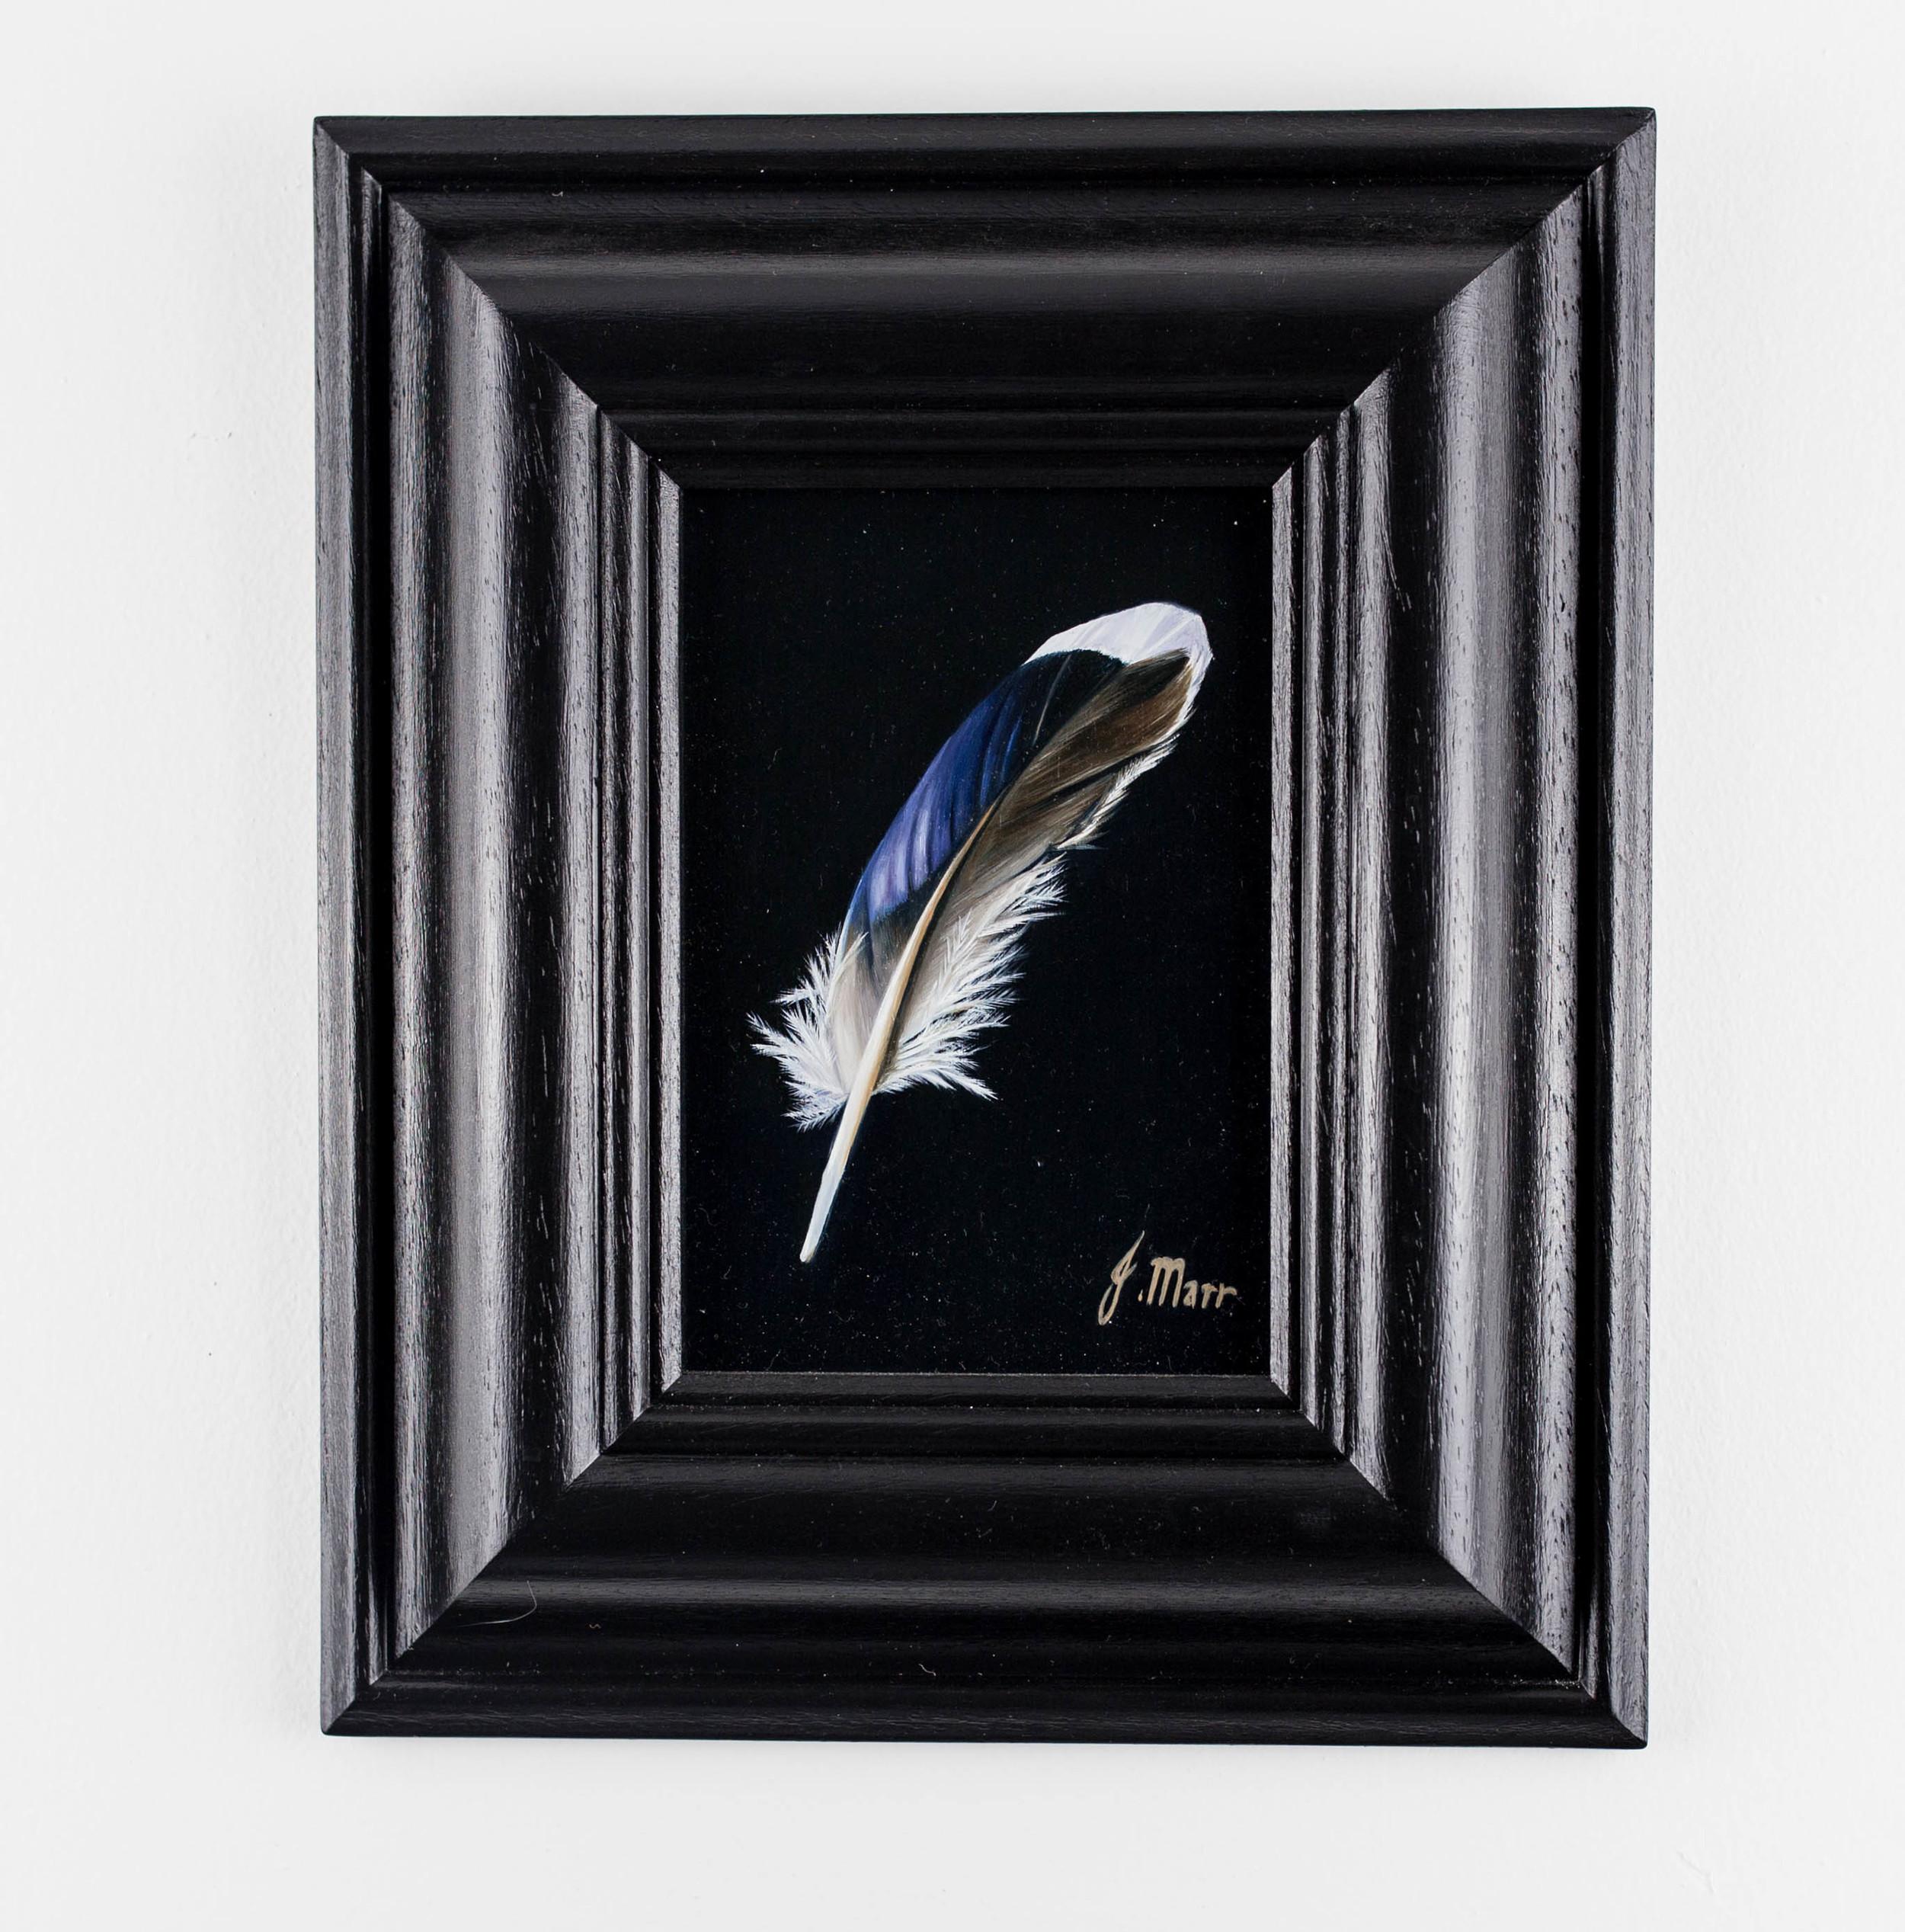 LOT 12   Jacqueline Marr   Mallard Feather III  Oil on Board